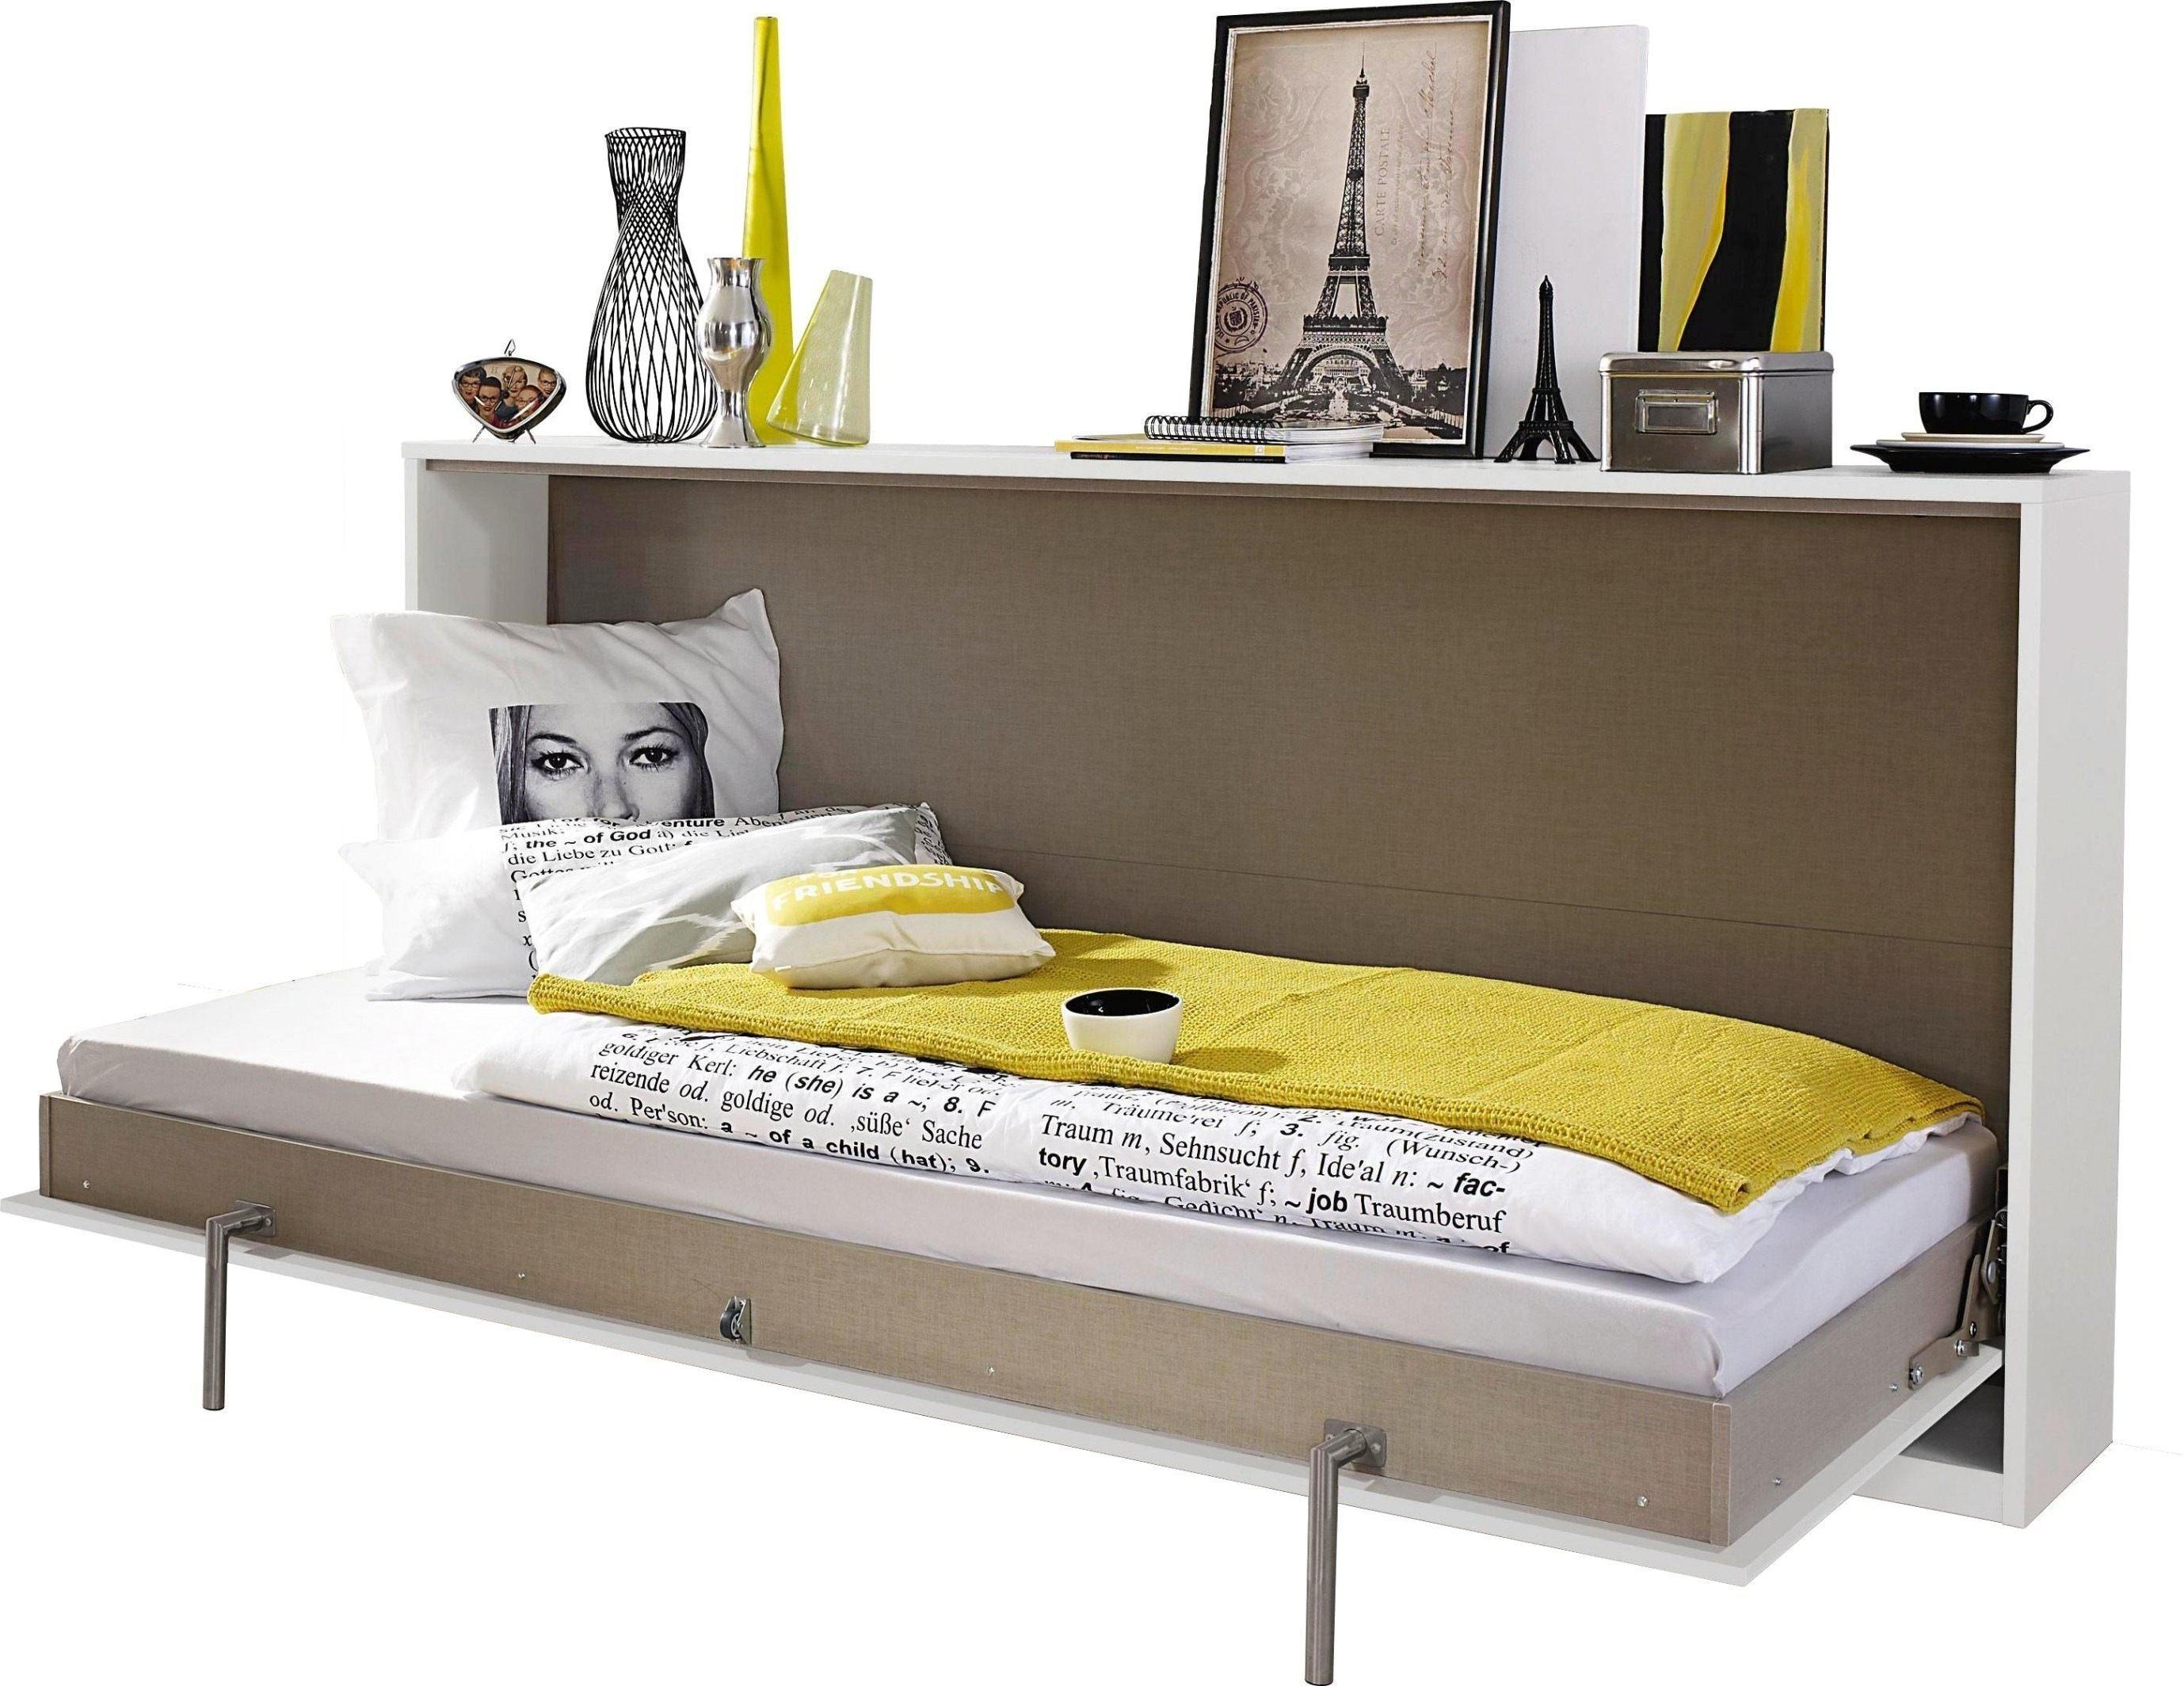 Lit Superposé 2 Places En Haut Et En Bas Inspiré Ikea Lit Mi Hauteur